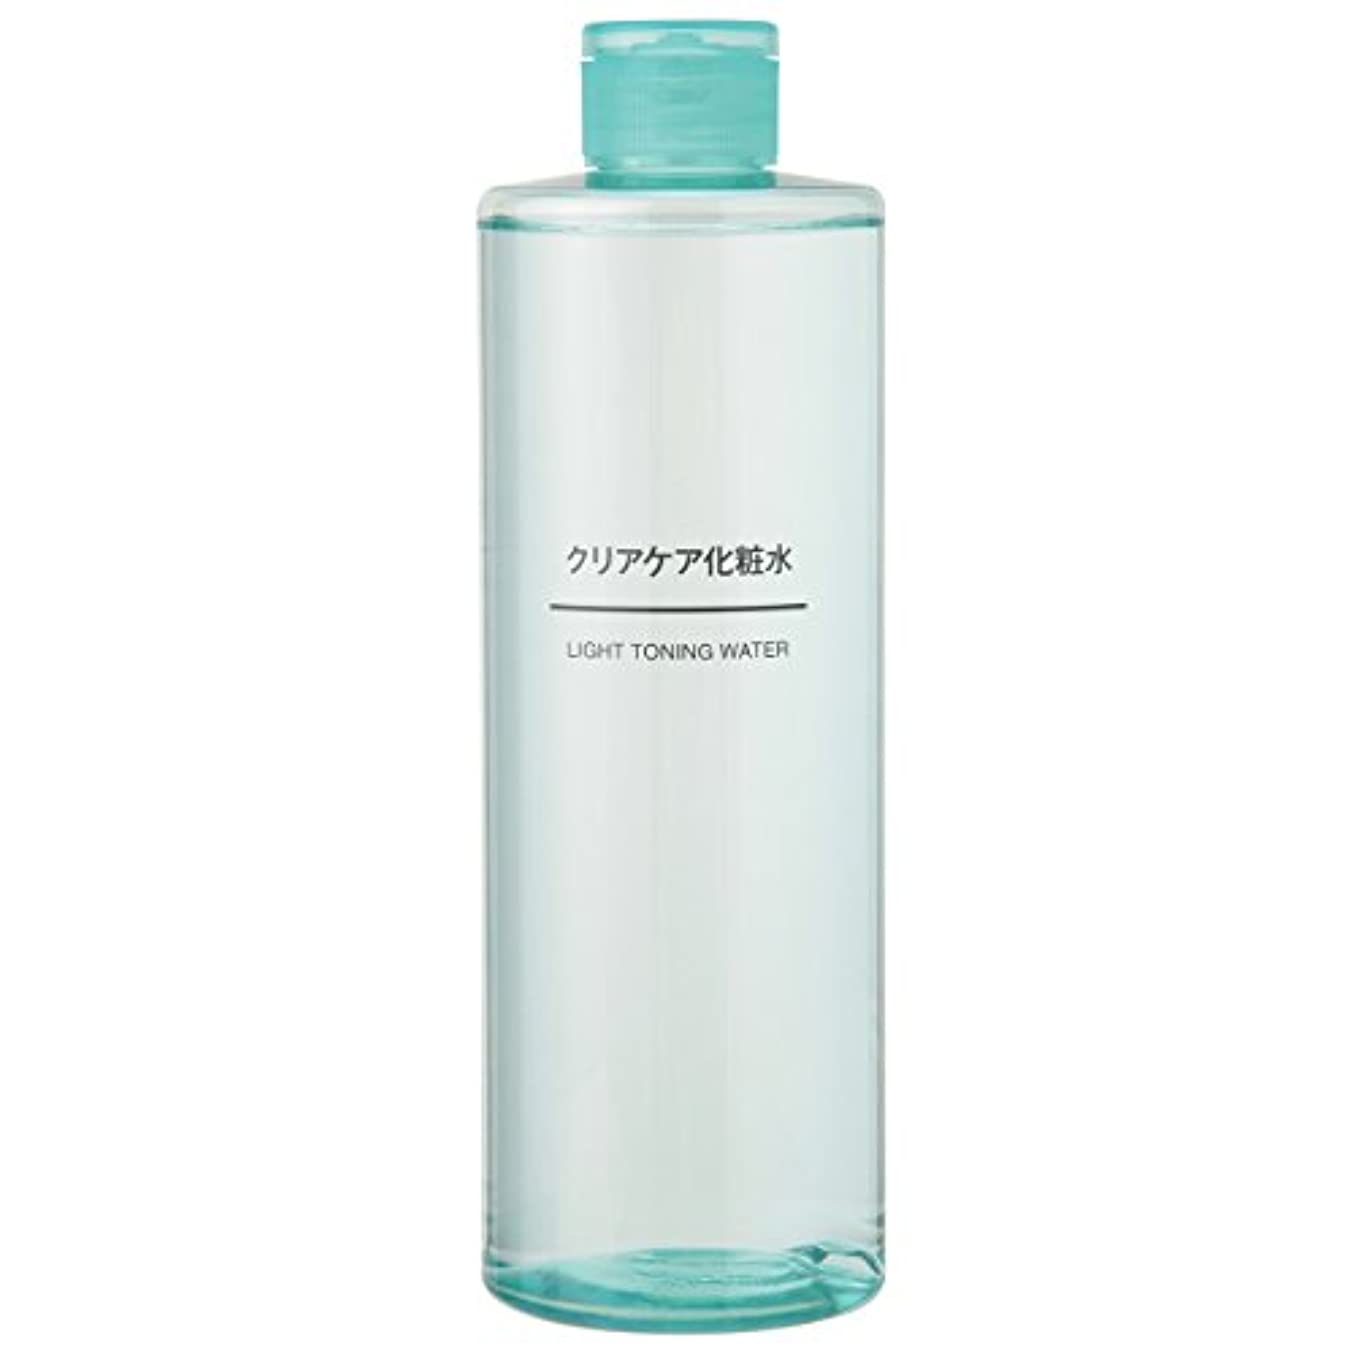 ノベルティアンタゴニストアンタゴニスト無印良品 クリアケア化粧水(大容量) 400ml